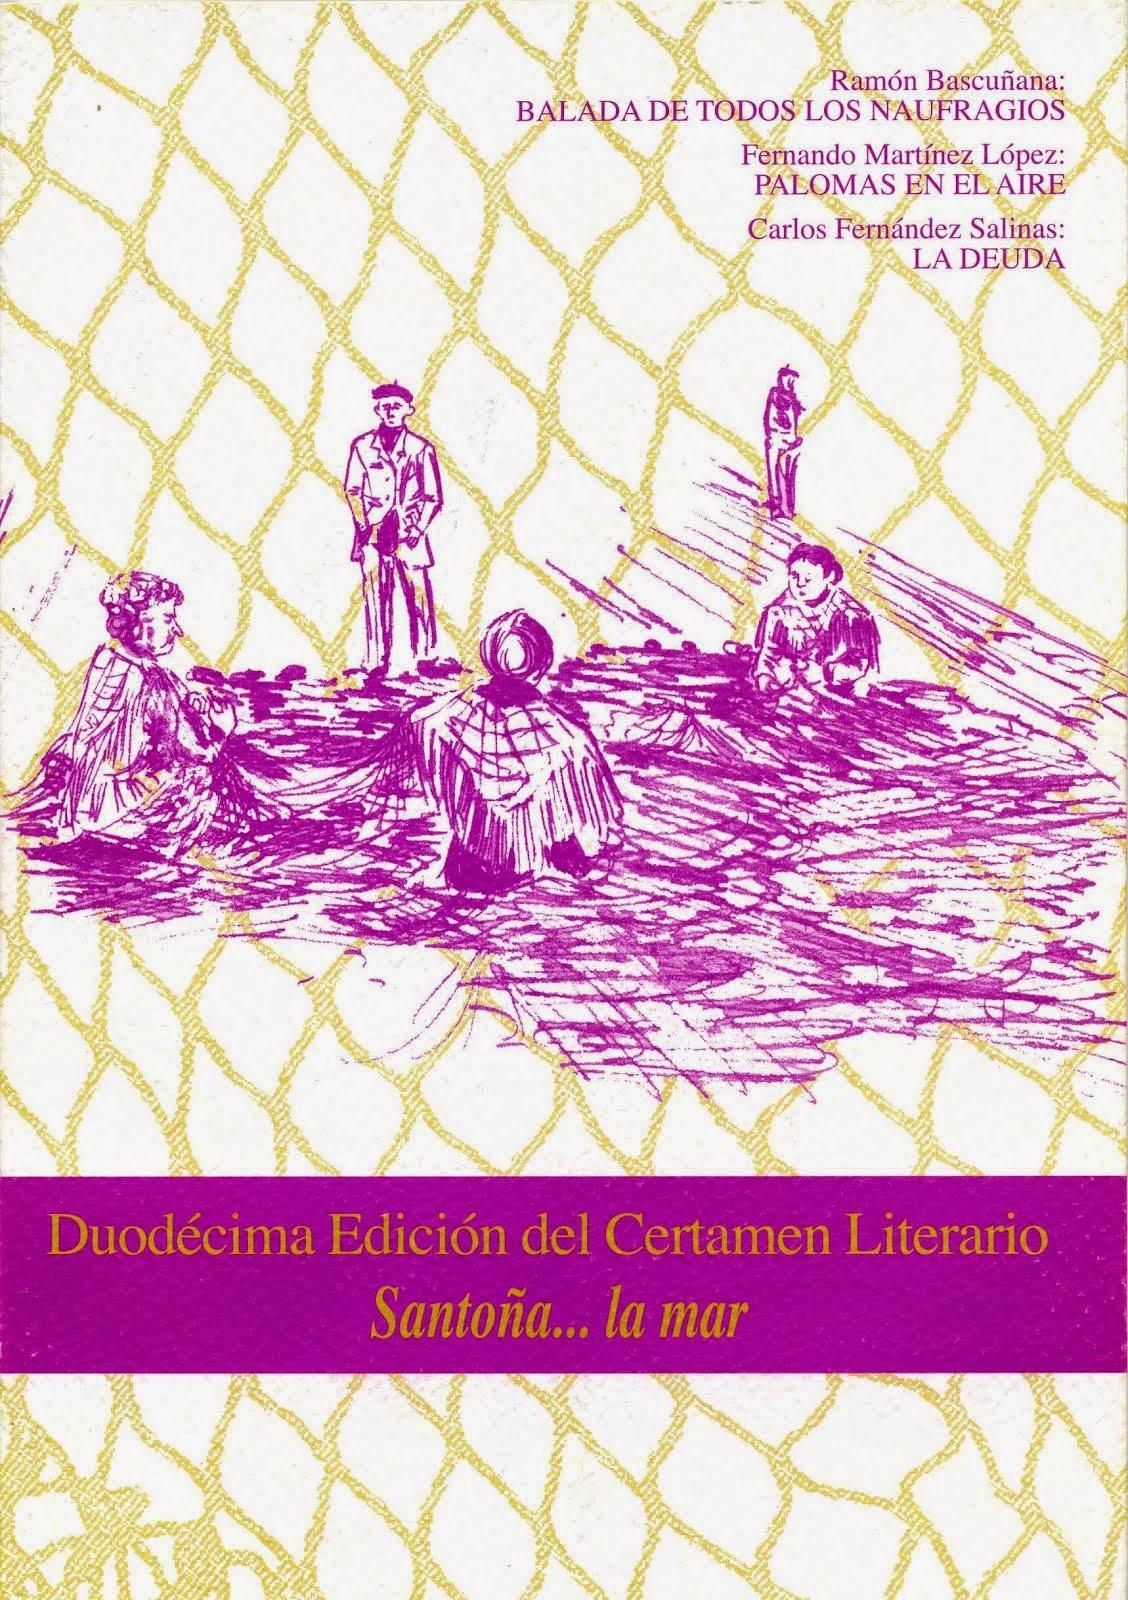 BALADA DE TODOS LOS NAUFRAGIOS [2007]